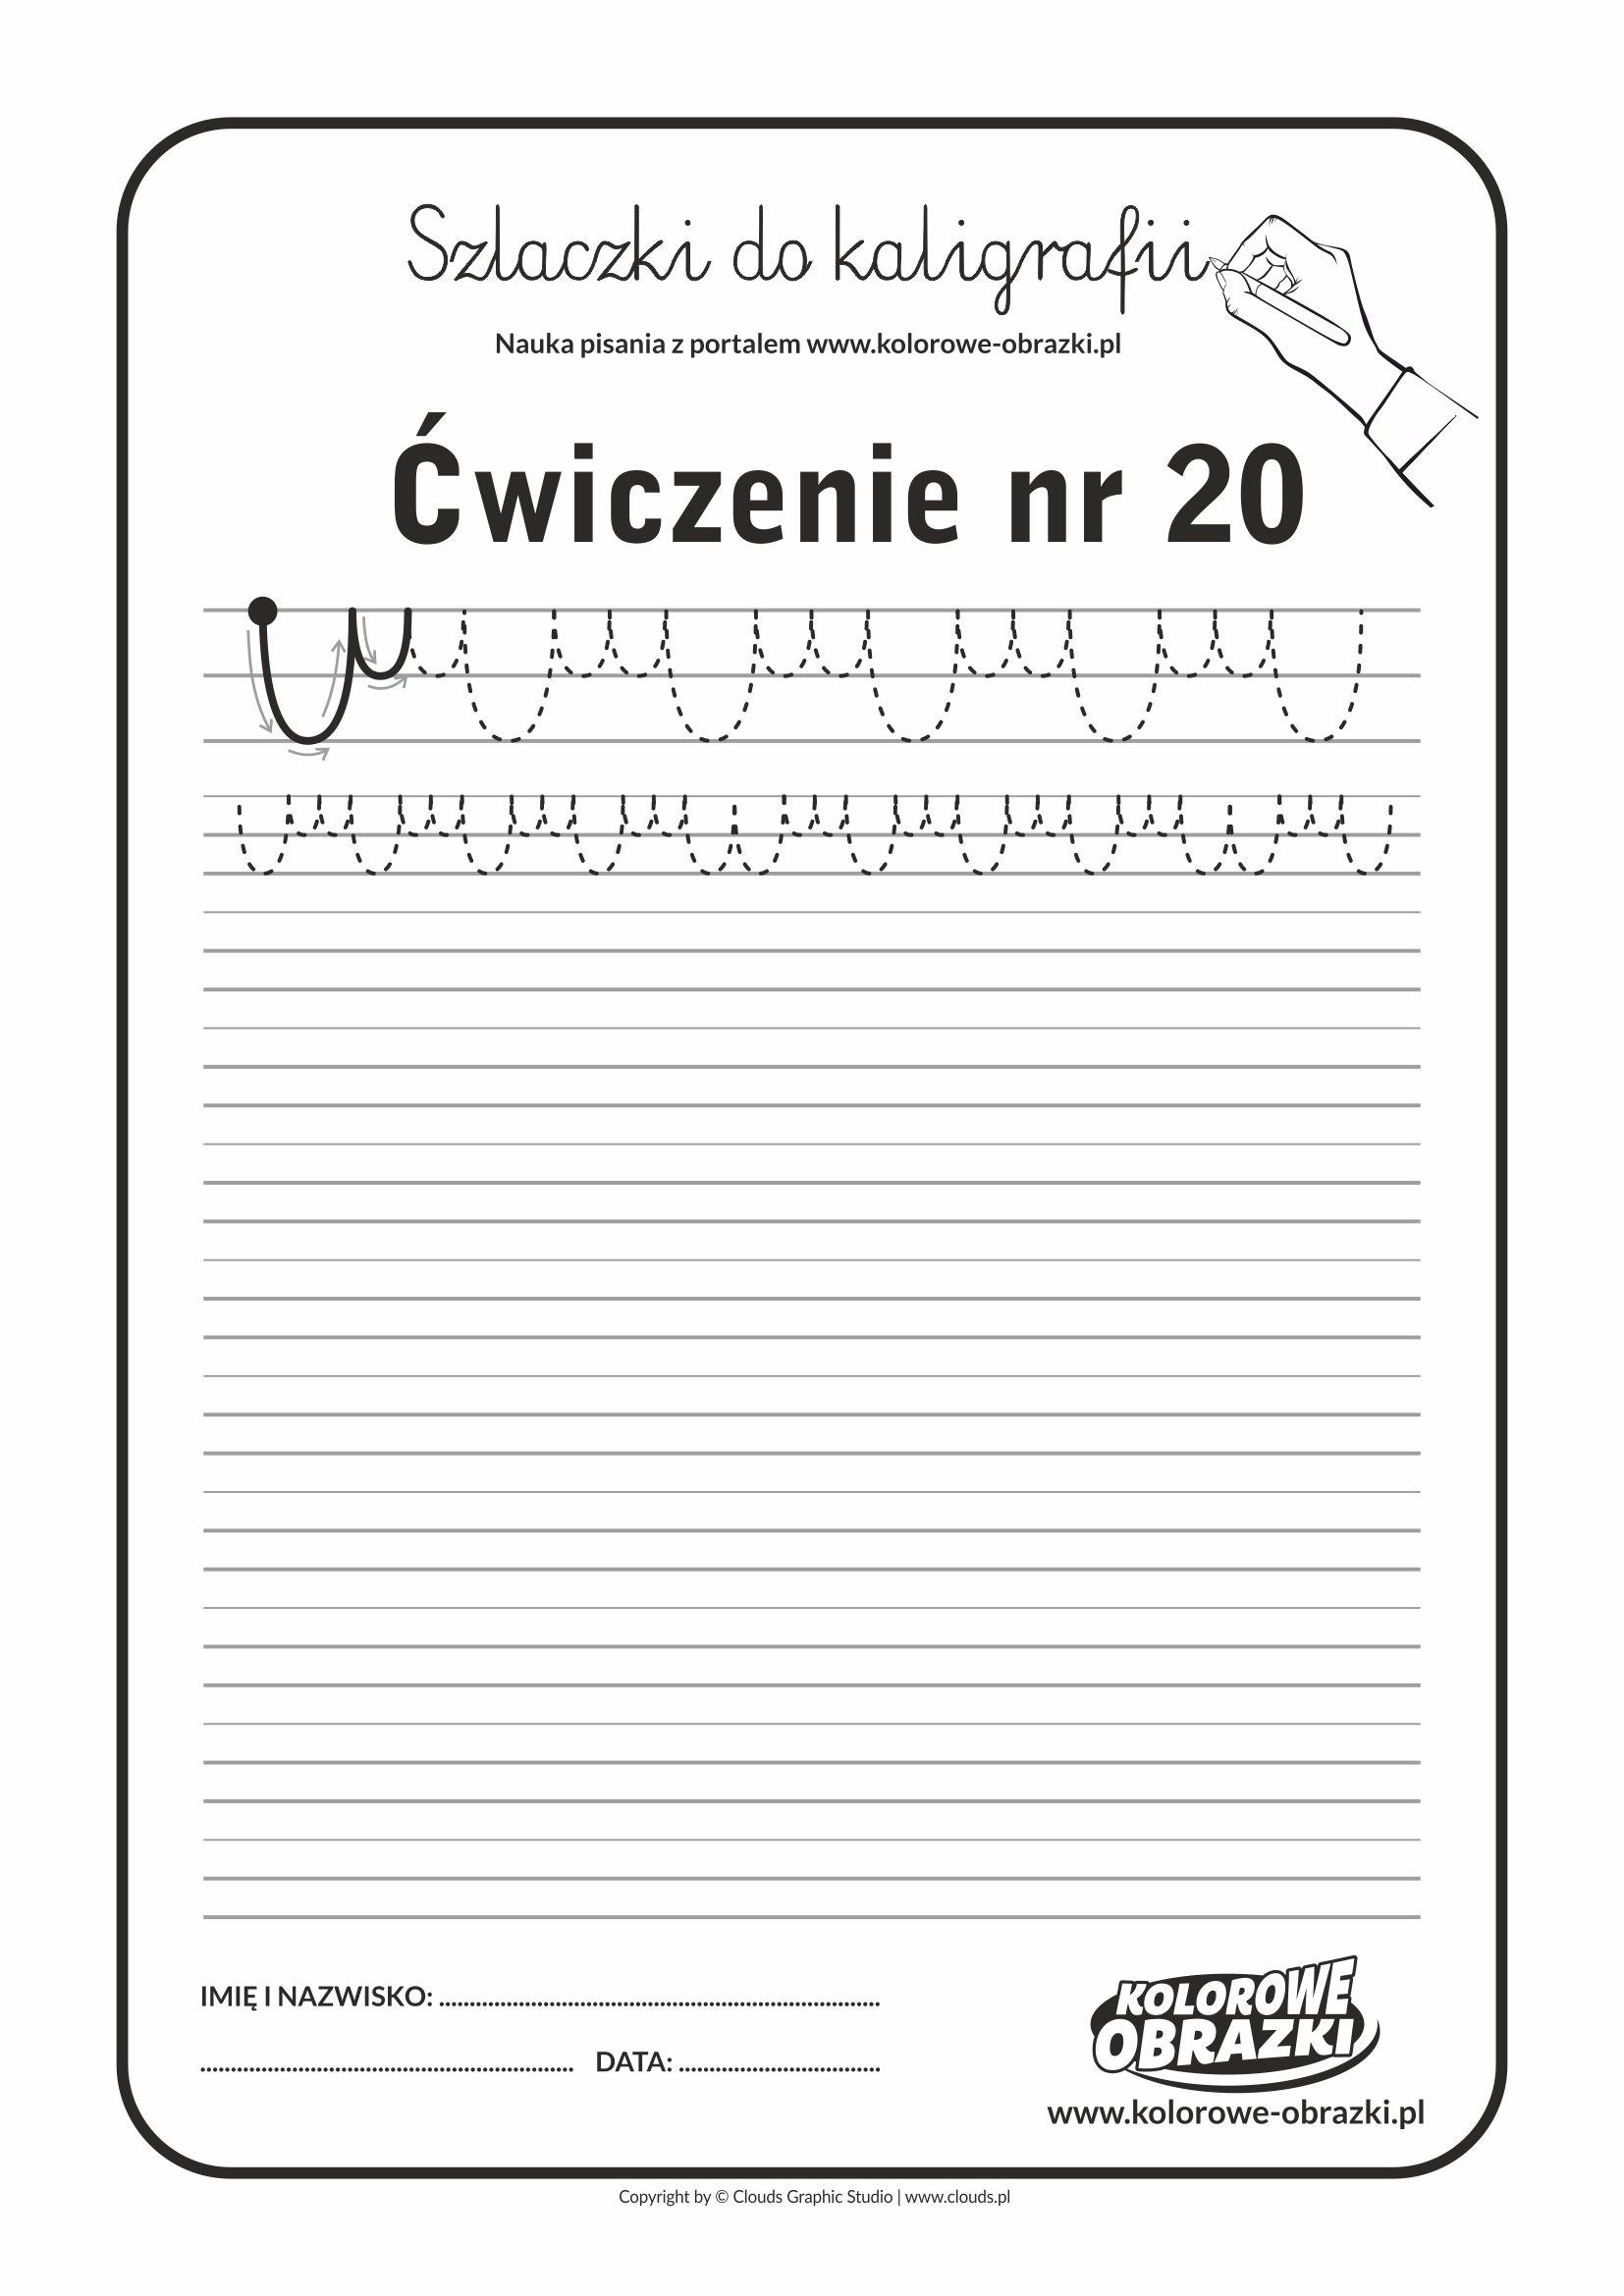 Kaligrafia dla dzieci - Ćwiczenia kaligraficzne / Szlaczki / Ćwiczenie nr 20